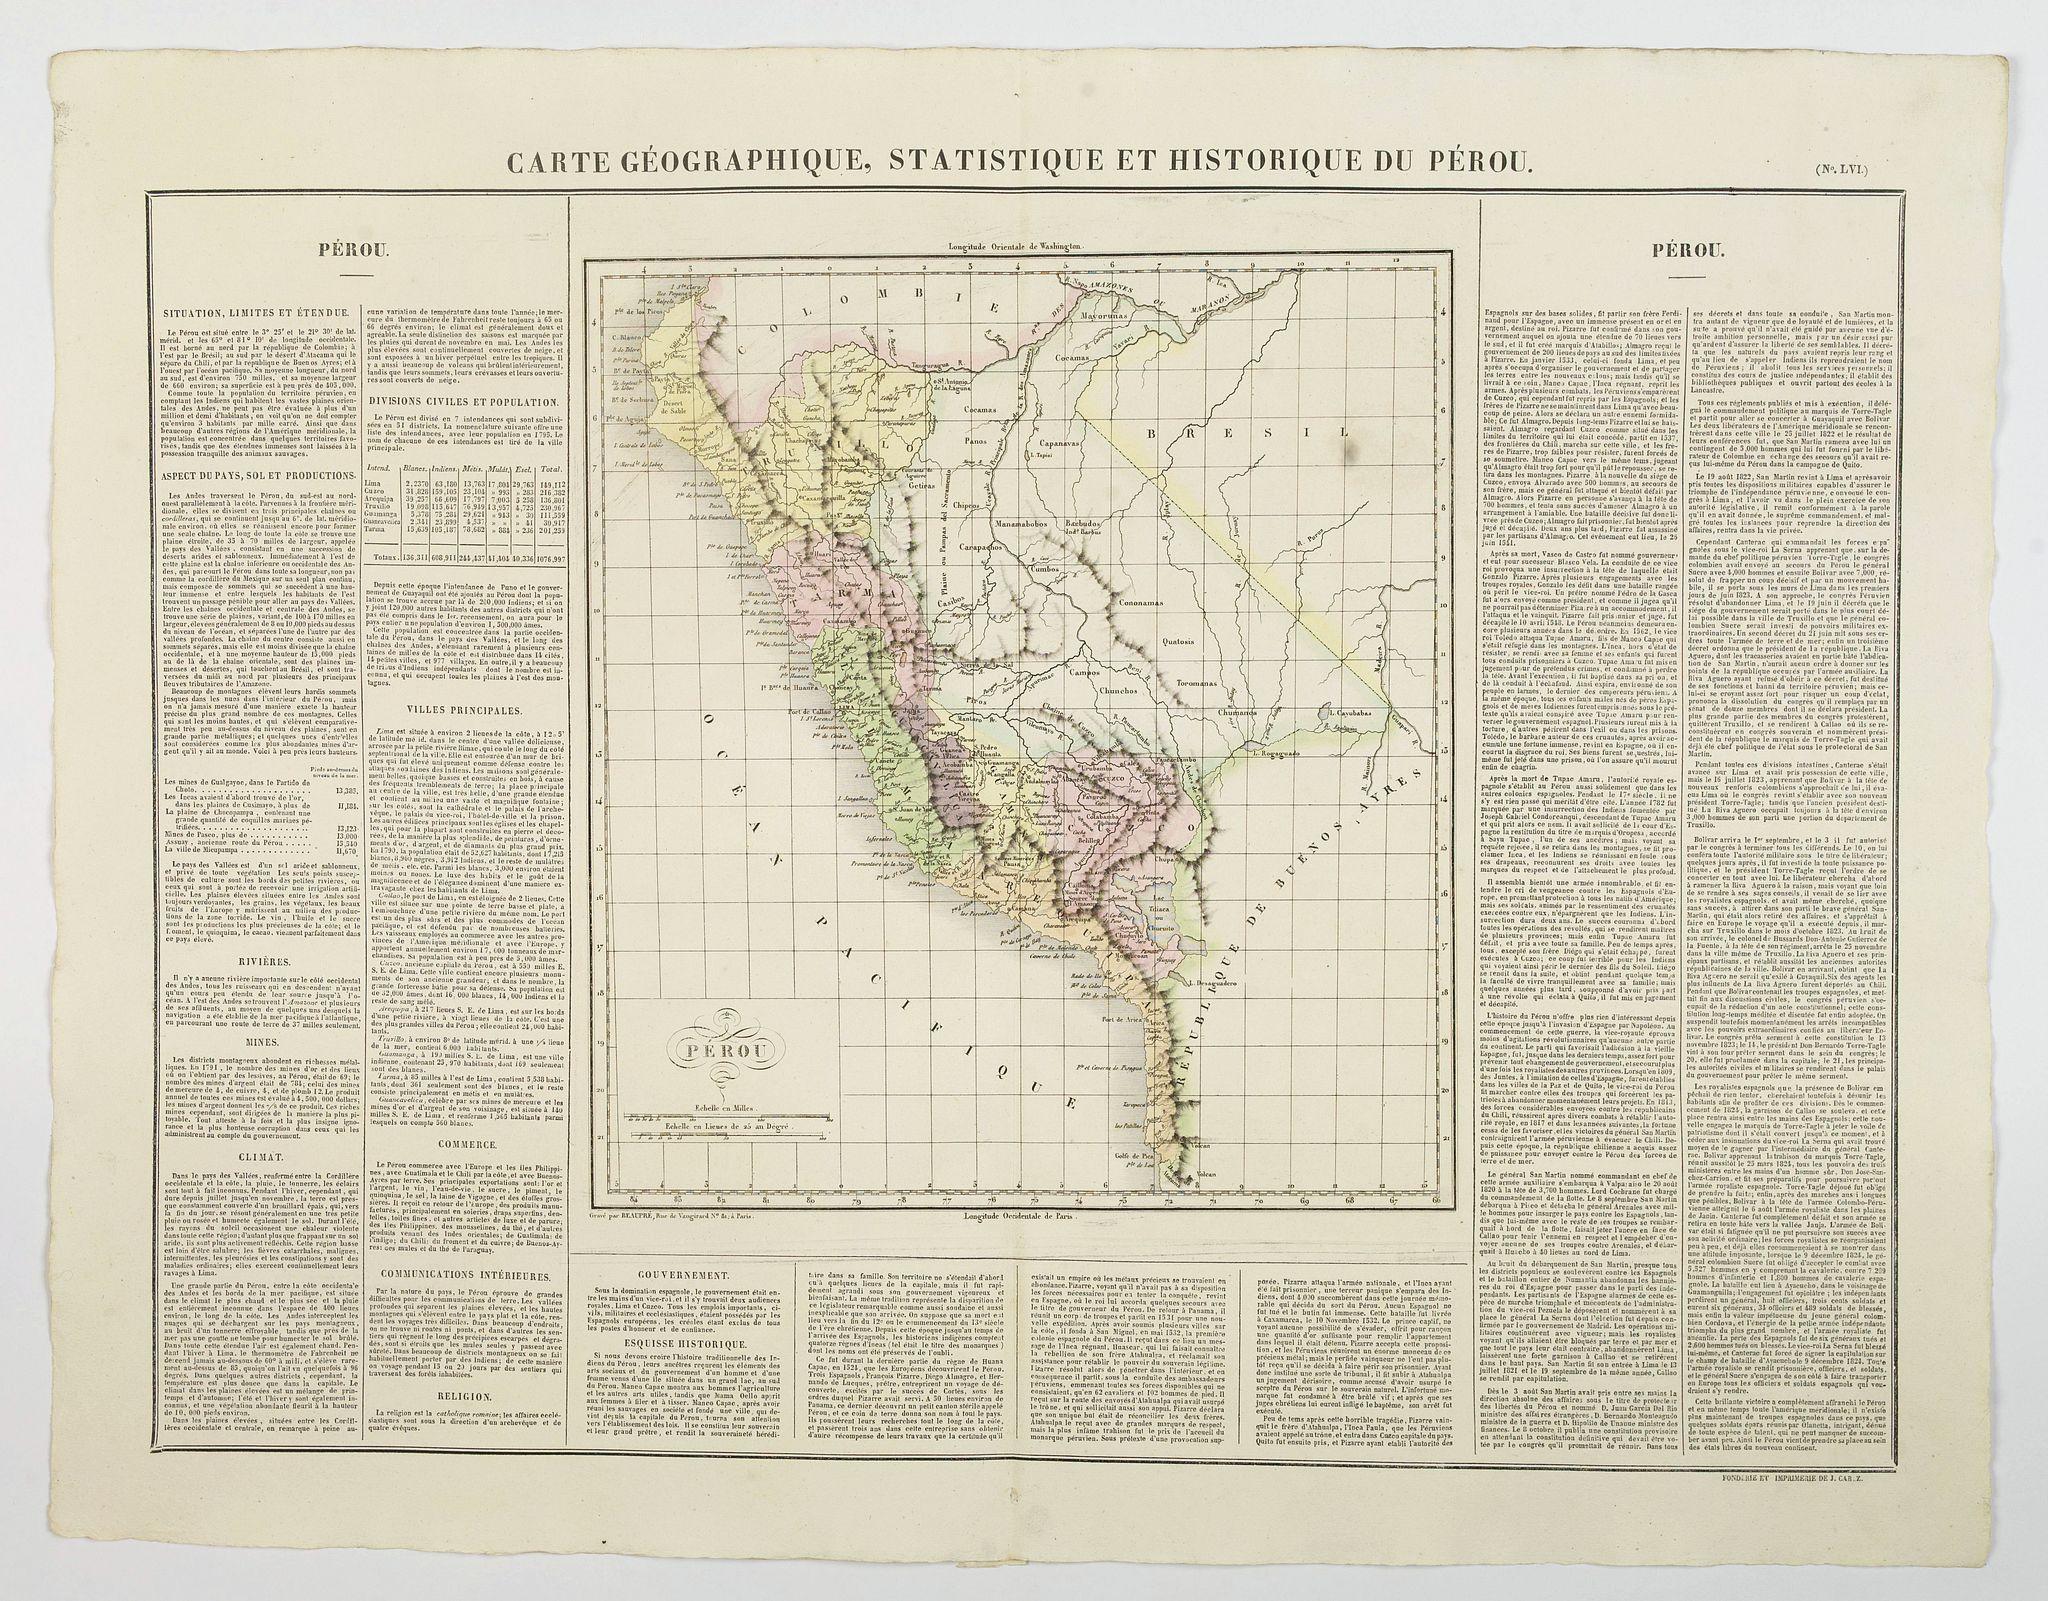 BUCHON, J.A. -  Carte Geographique, Statistique et Historique du Perou.